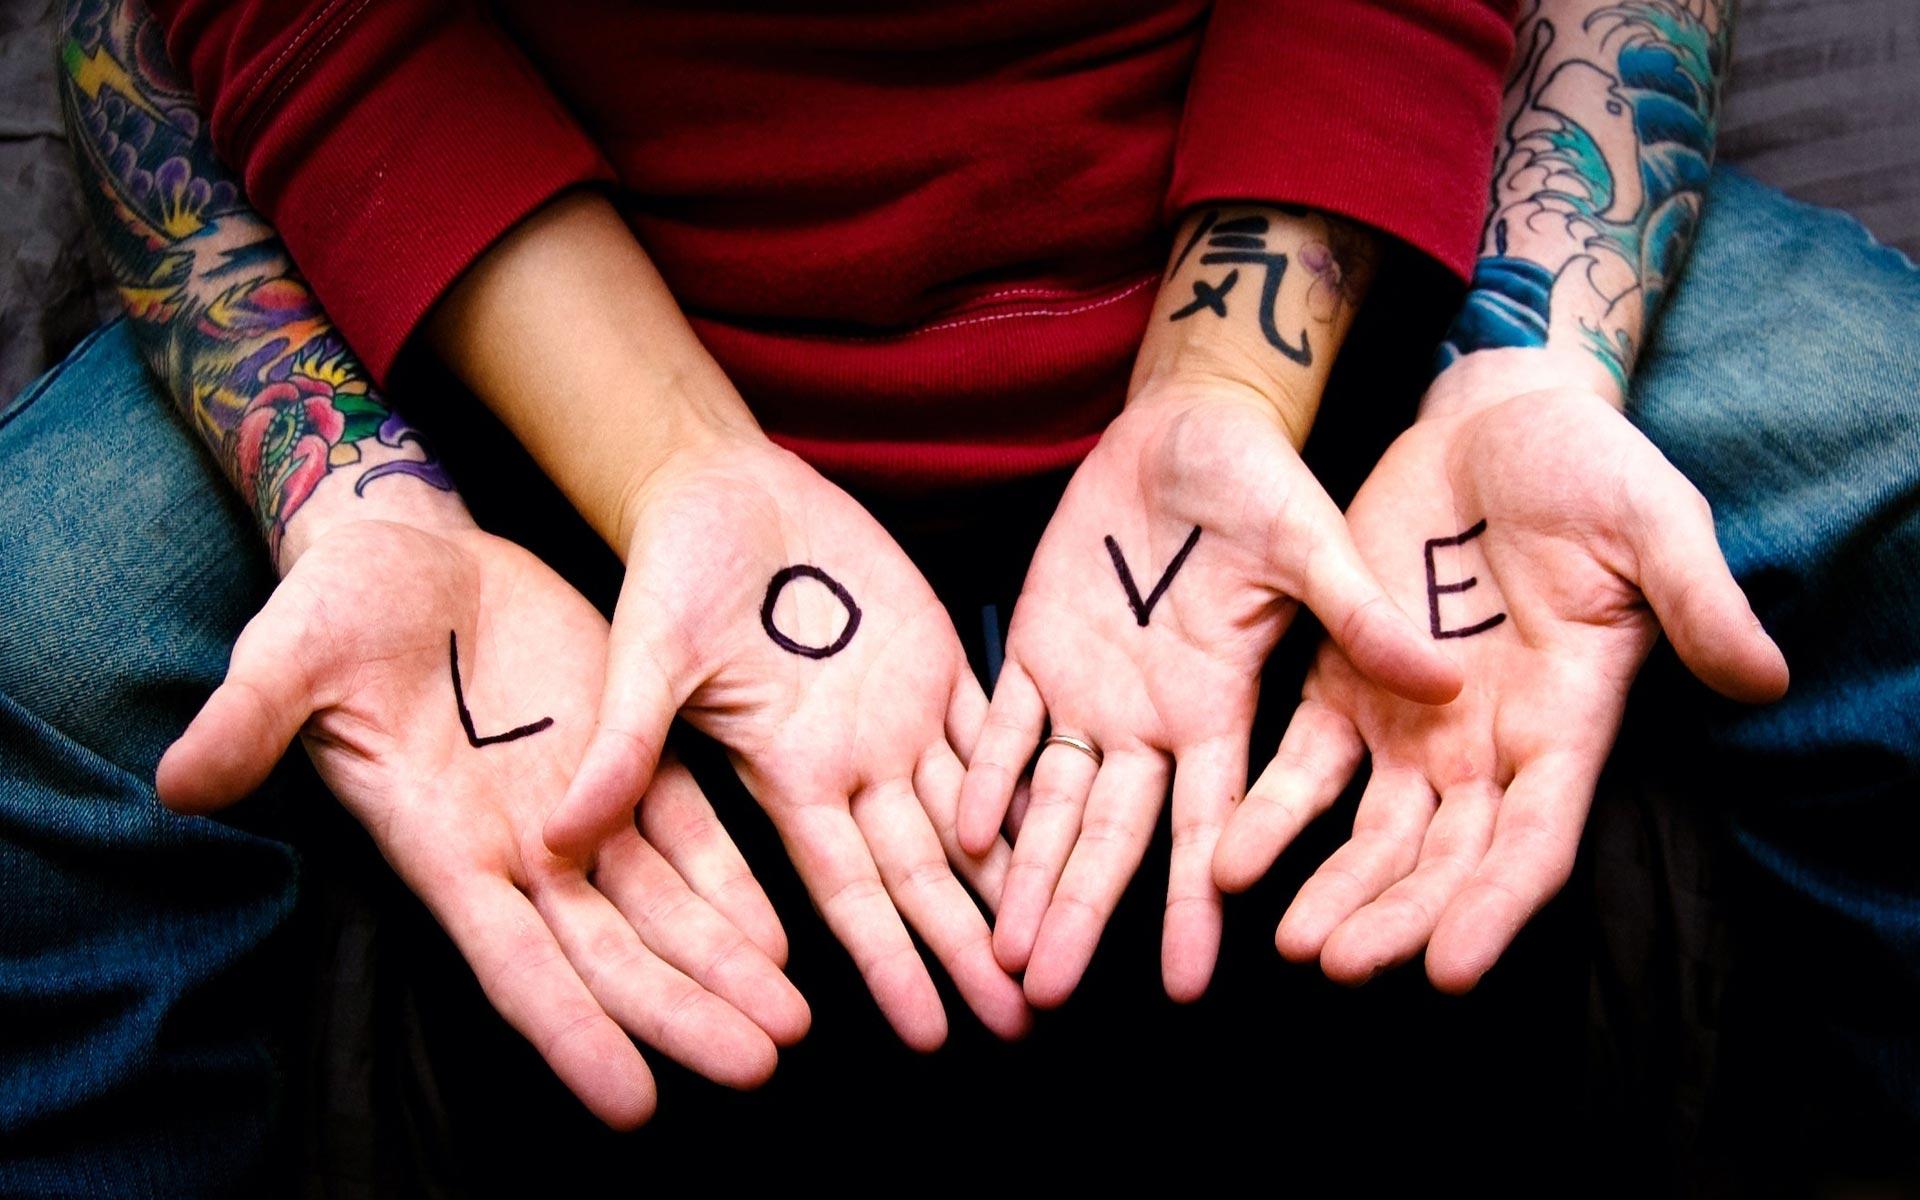 بالصور صور للحبيب , اروع صور الحب لمن نحب 1231 8